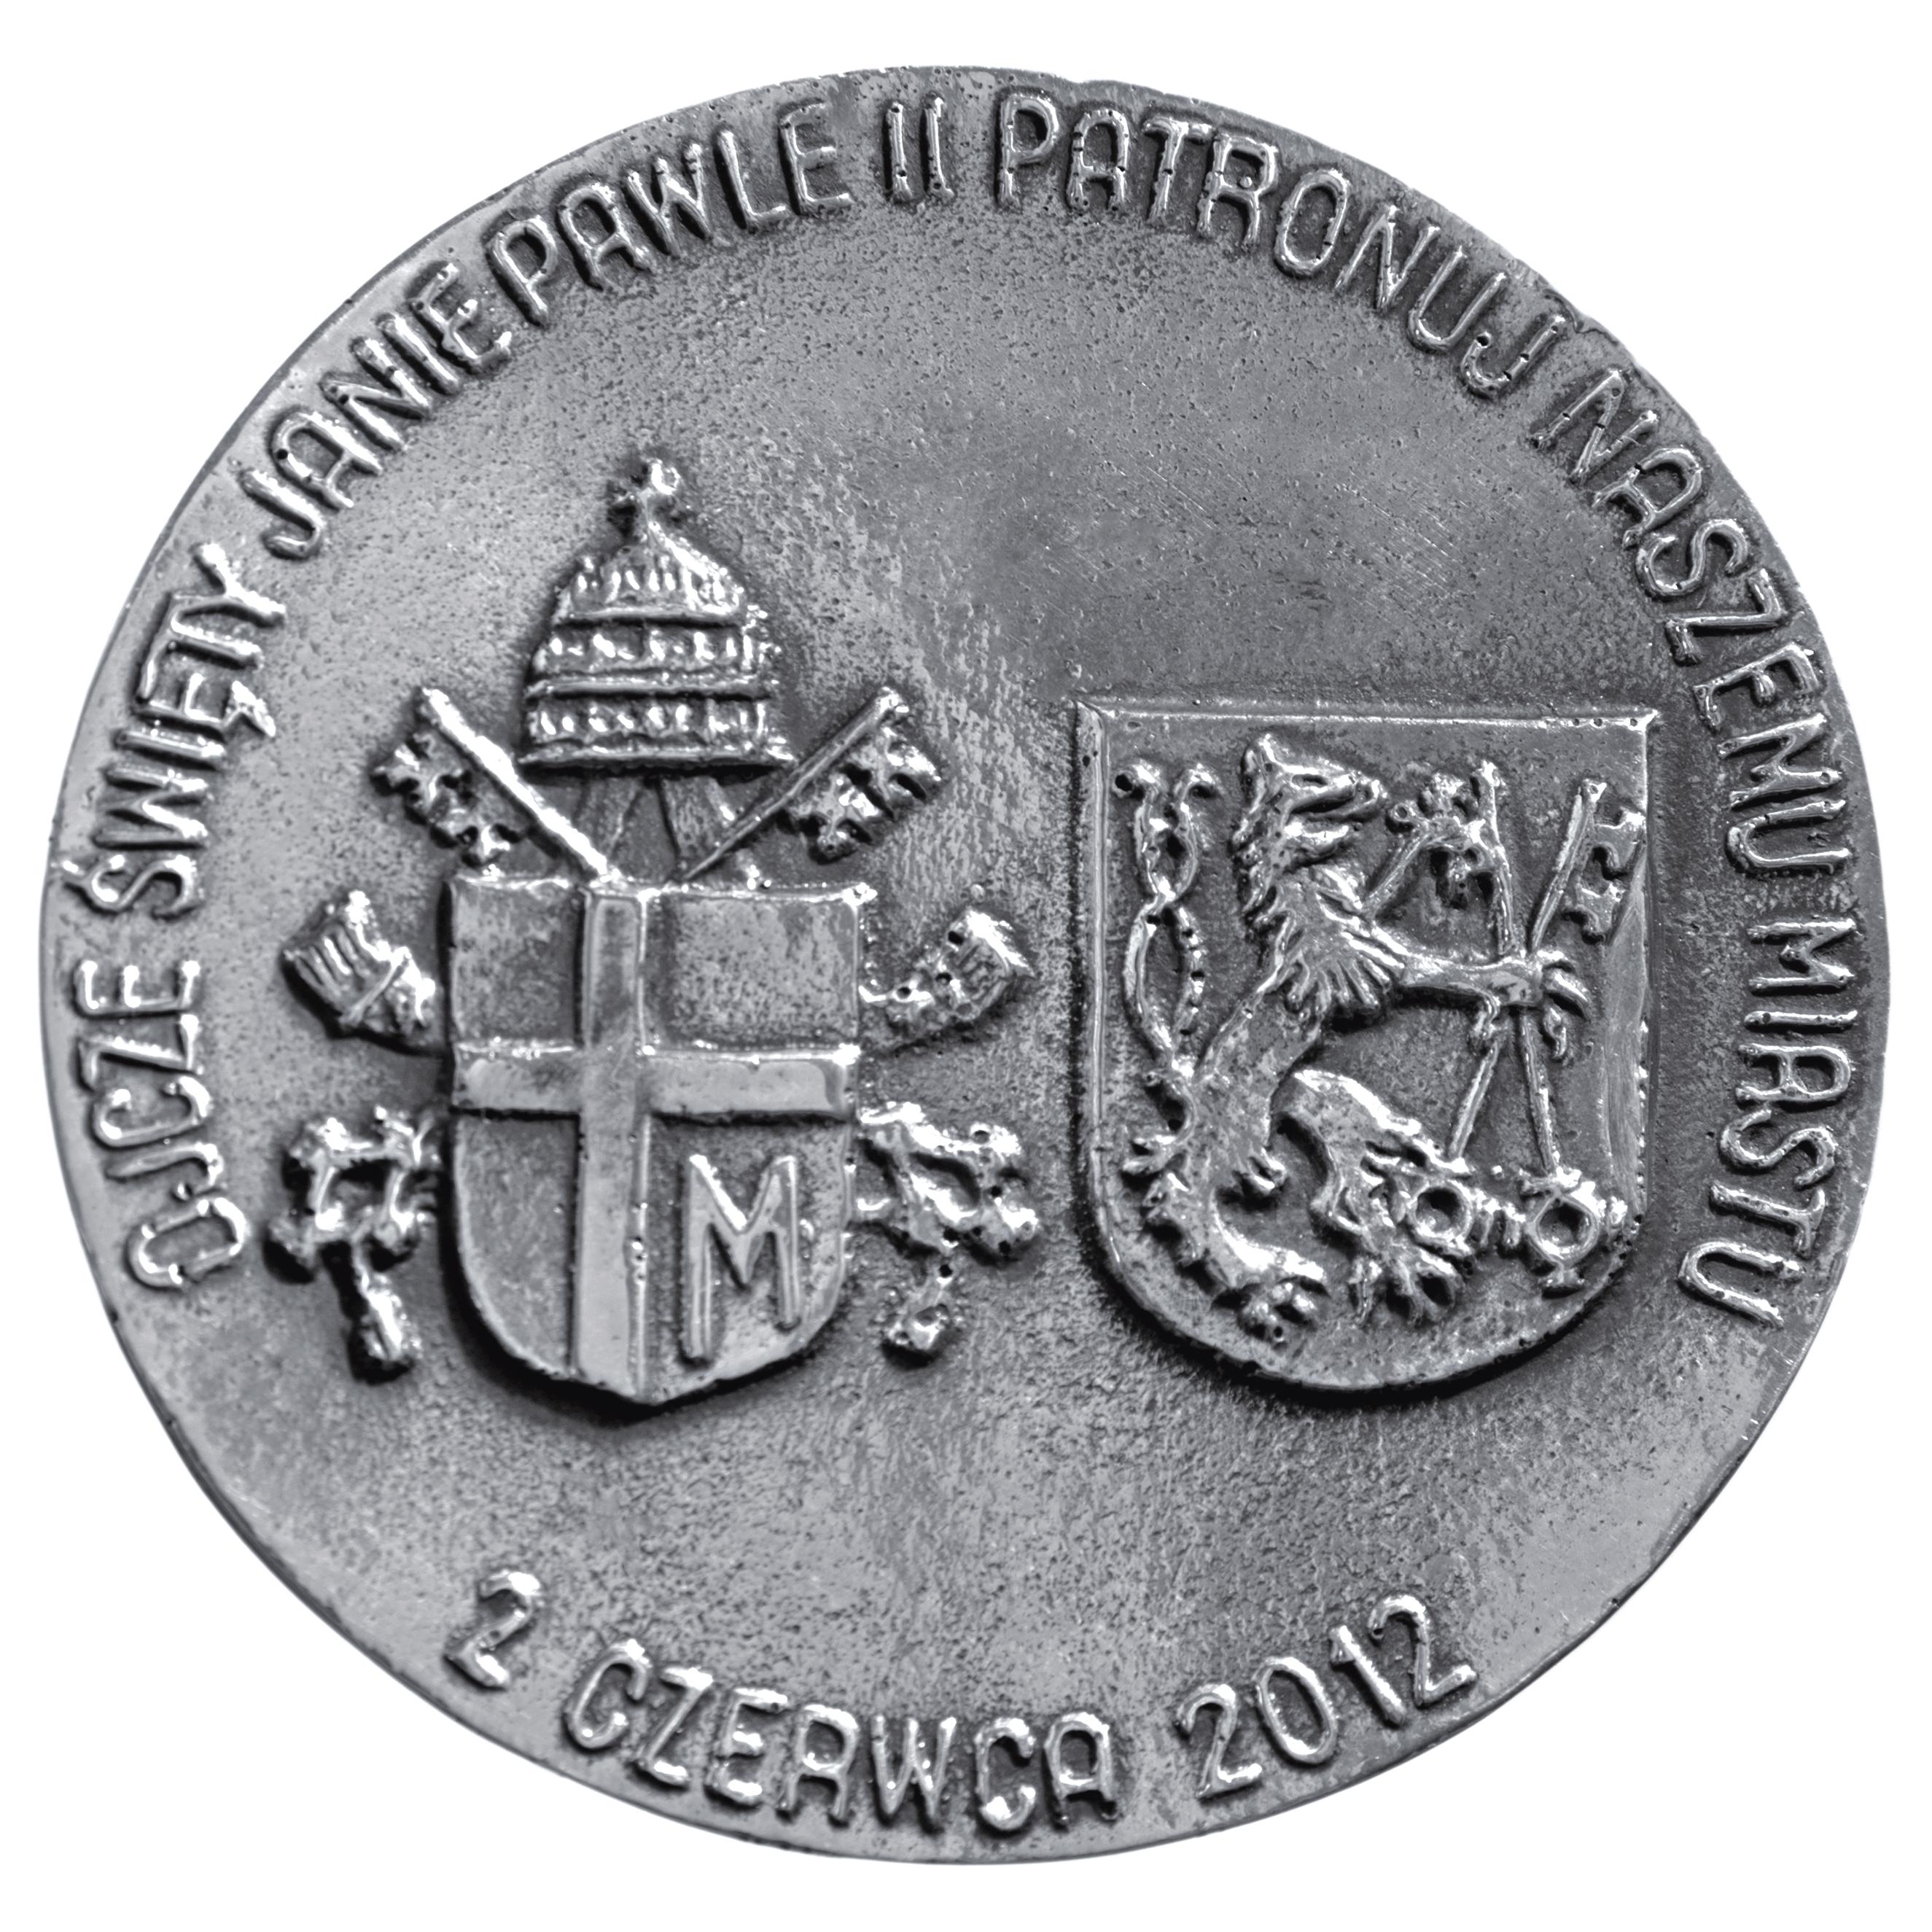 Andrzej Kołaczyński, medal dwustronny (rewers), odlewany, srebro, Φ 80 mm, 2012. XV ROCZNICA POBYTU PAPIEŻA W LEGNICY